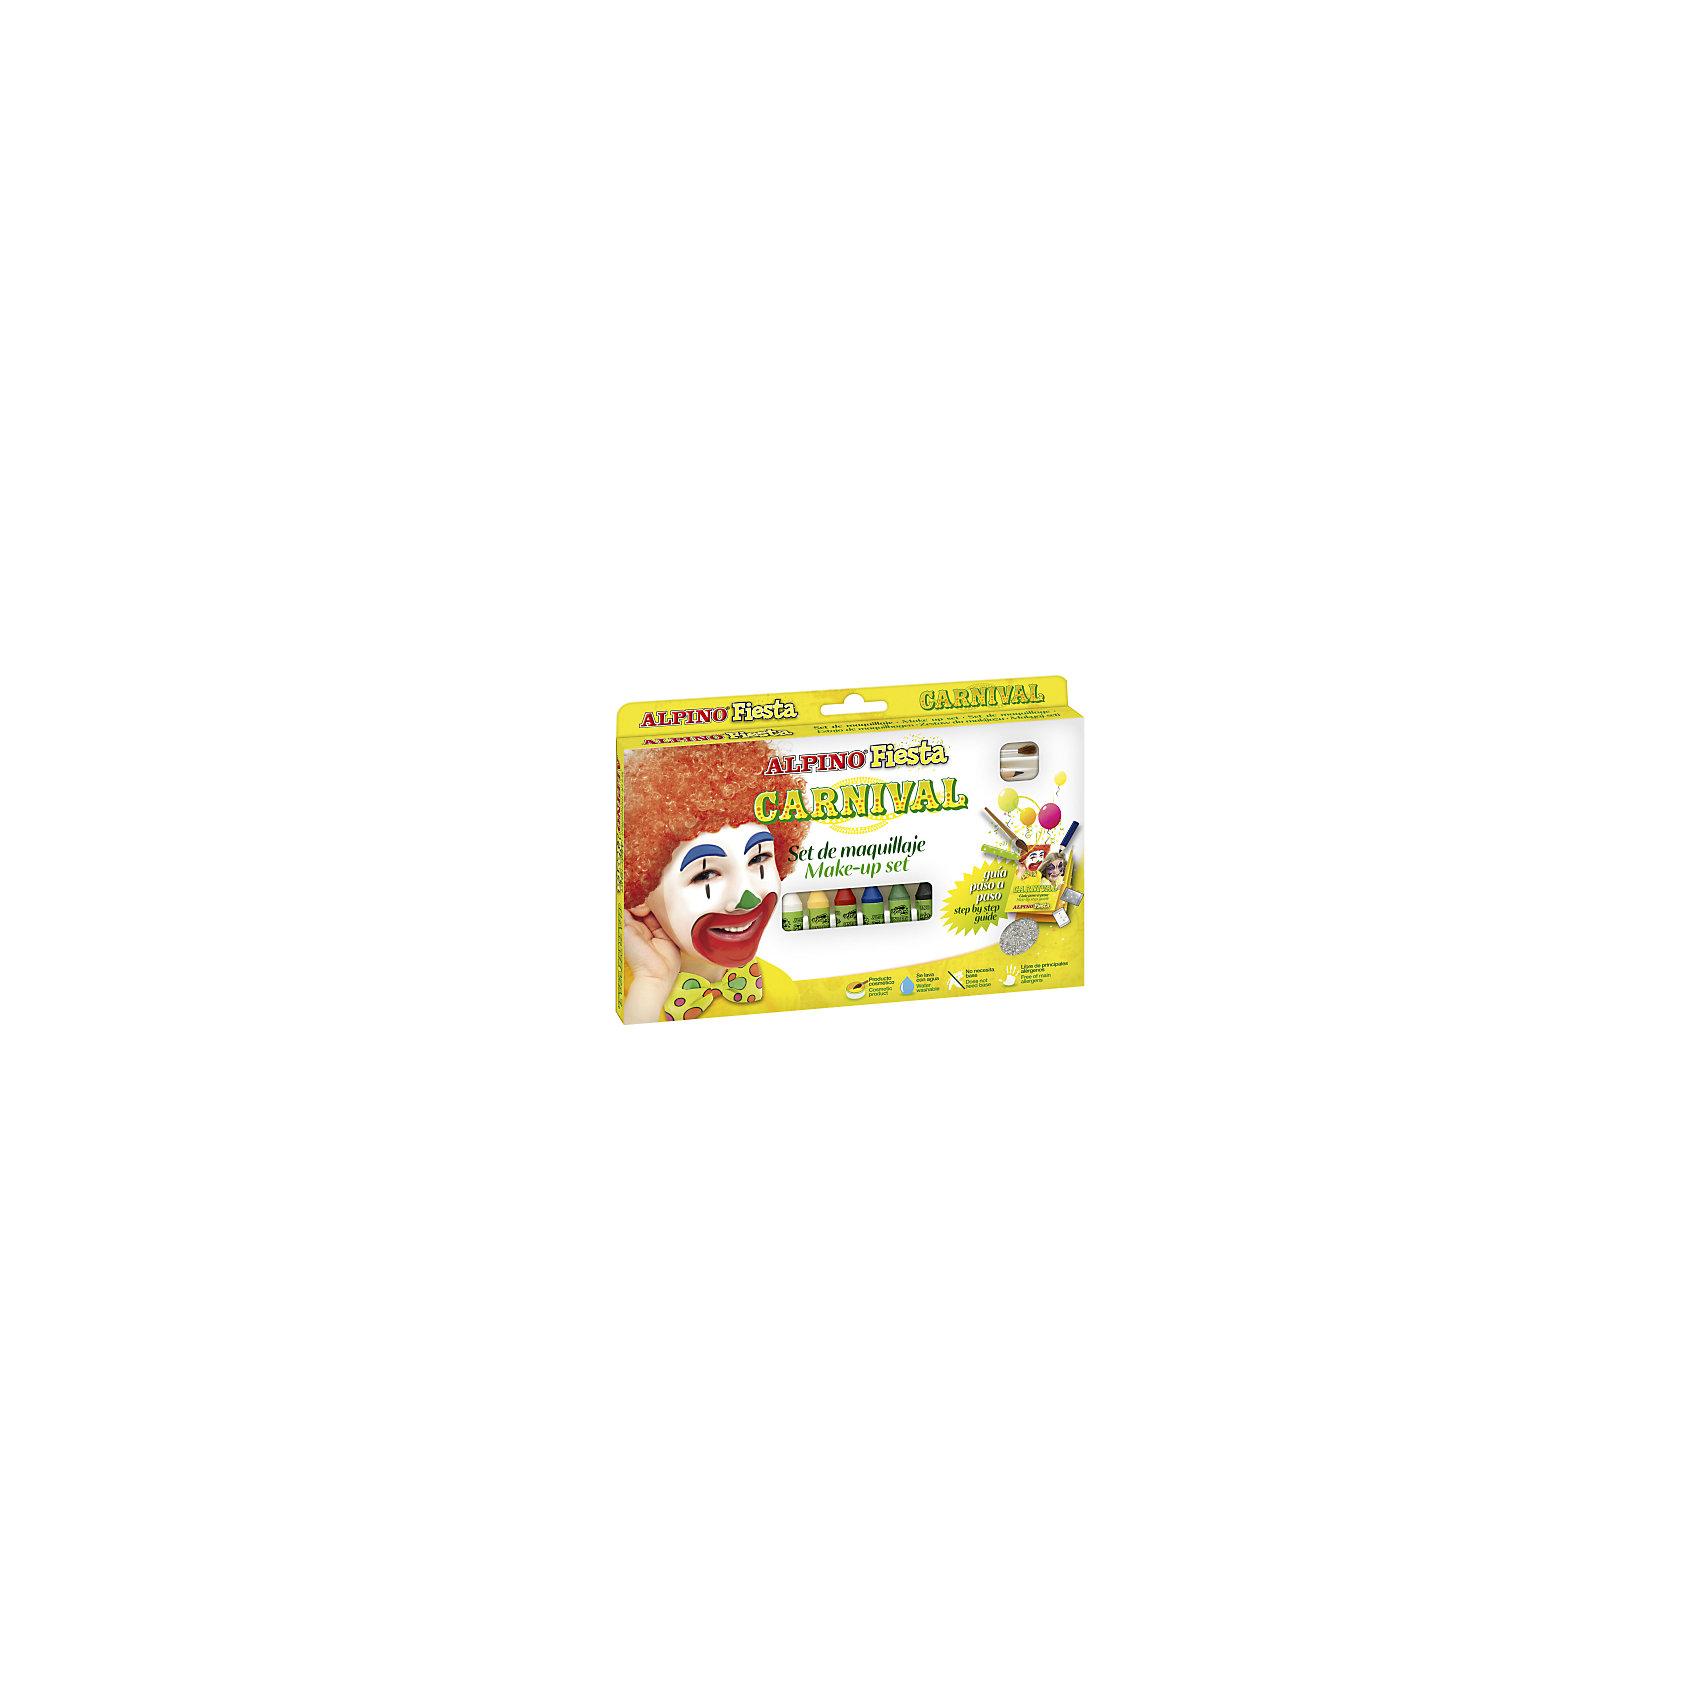 Детский аквагрим Карнавал (макияжные карандаши), 6*5 гр, 6 цв.+комплектКосметика, грим и парфюмерия<br>Экологичная детская декоративная косметика европейского производства, изготовленная по наилучшим существующим технологиям на основе растительных ингредиентов и воды<br>Не содержит компонентов молока, яиц, клейковины, орехов, бобов, латекса и других потенциально аллергенных ингредиентов (Non-Allergic)<br>Разрешена для применения детьми от 3 лет по европейским стандартам качества и безопасности, а также нормам ТР ТС 009/2011 «О безопасности парфюмерно-косметической продукции» (включена в перечень детских товаров, допущенных к обращению во всех странах Таможенного союза)<br>Рекомендуются педагогами и медицинскими специалистами для эффективного развития детей в ходе игровых форм обучения и воспитания. Считается лучшей продукцией для художественного самодеятельного творчества, детских праздников и спортивных соревнований<br>Состав набора: макияжные карандаши (6 x 5 гр, 6 цв.), косметический карандаш, пакетики с блёстками, переводные картинки, кисточка<br>К набору прилагается инструкция, в которой на универсальном языке картинок раскрывается секрет создания замечательных праздничных, сценических и карнавальных образов<br>Макияжные карандаши имеют высокую кроющую способность, их различные цвета могут смешиваться, позволяя получать новые цвета и оттенки. Нанесённый макияж не пачкается и имеет глянцевый тон. При увлажнении грима водой с помощью кисти цвета приобретают матовые оттенки. Косметический карандаш предназначен для нанесения контуров макияжного рисунка, выделения или изменения форм лица, а блёстки придают макияжу яркость и искрящийся эффект. Набор является идеальным решением для художественного самодеятельного творчества, детских праздников, дискотек и других культурно-развлекательных и спортивно–зрелищных молодежных мероприятий<br>Предварительное нанесение пасты-грунта не требуется, продукция безопасна при интенсивном контакте с кожей в течение длительного времени